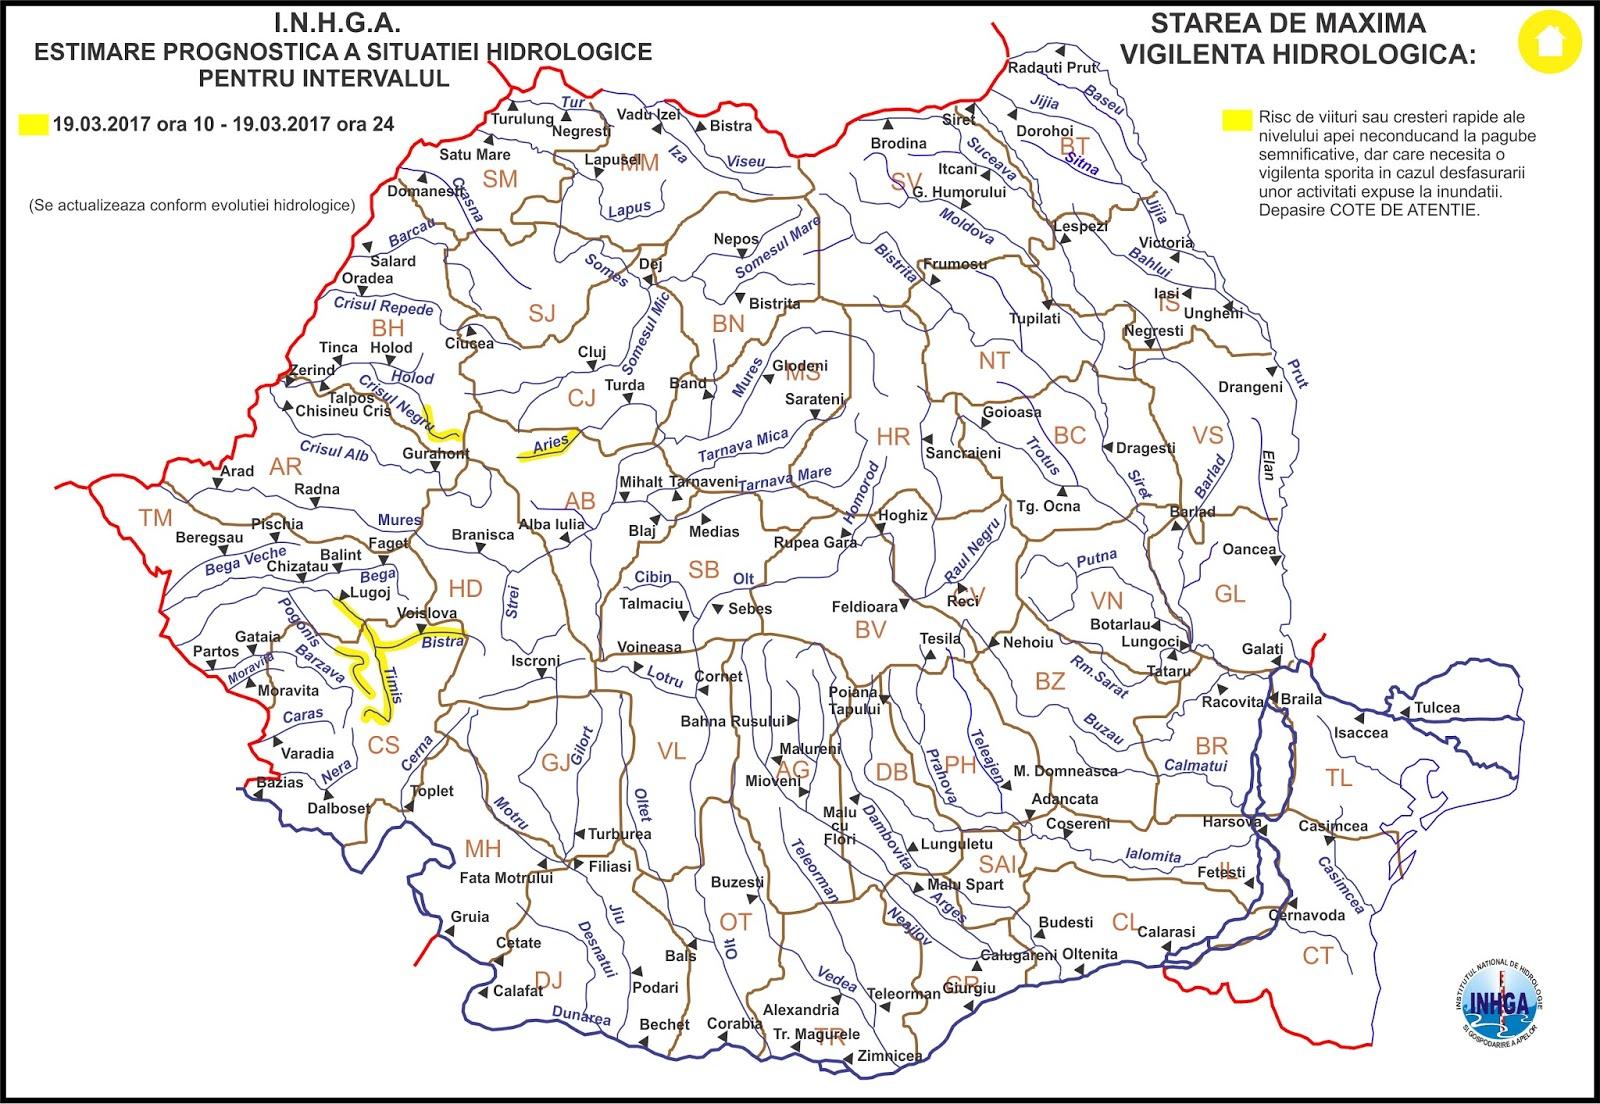 Feroviarii Harta Hidrologica Romania